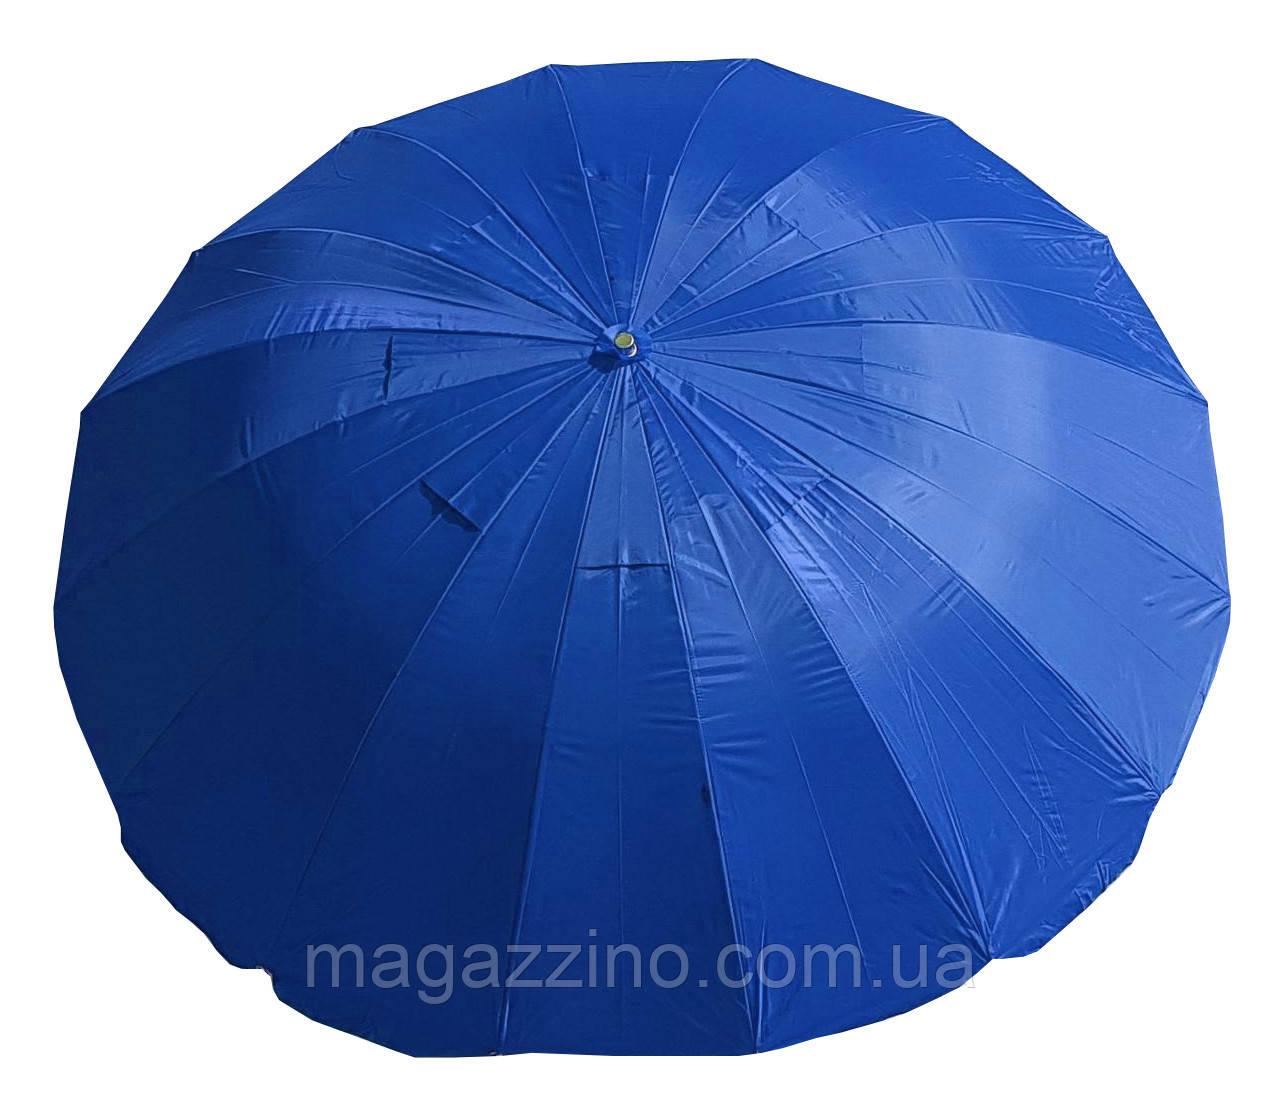 Зонт пляжний з клапаном і срібним напиленням, діаметр 3м., 16 спиць, Синій